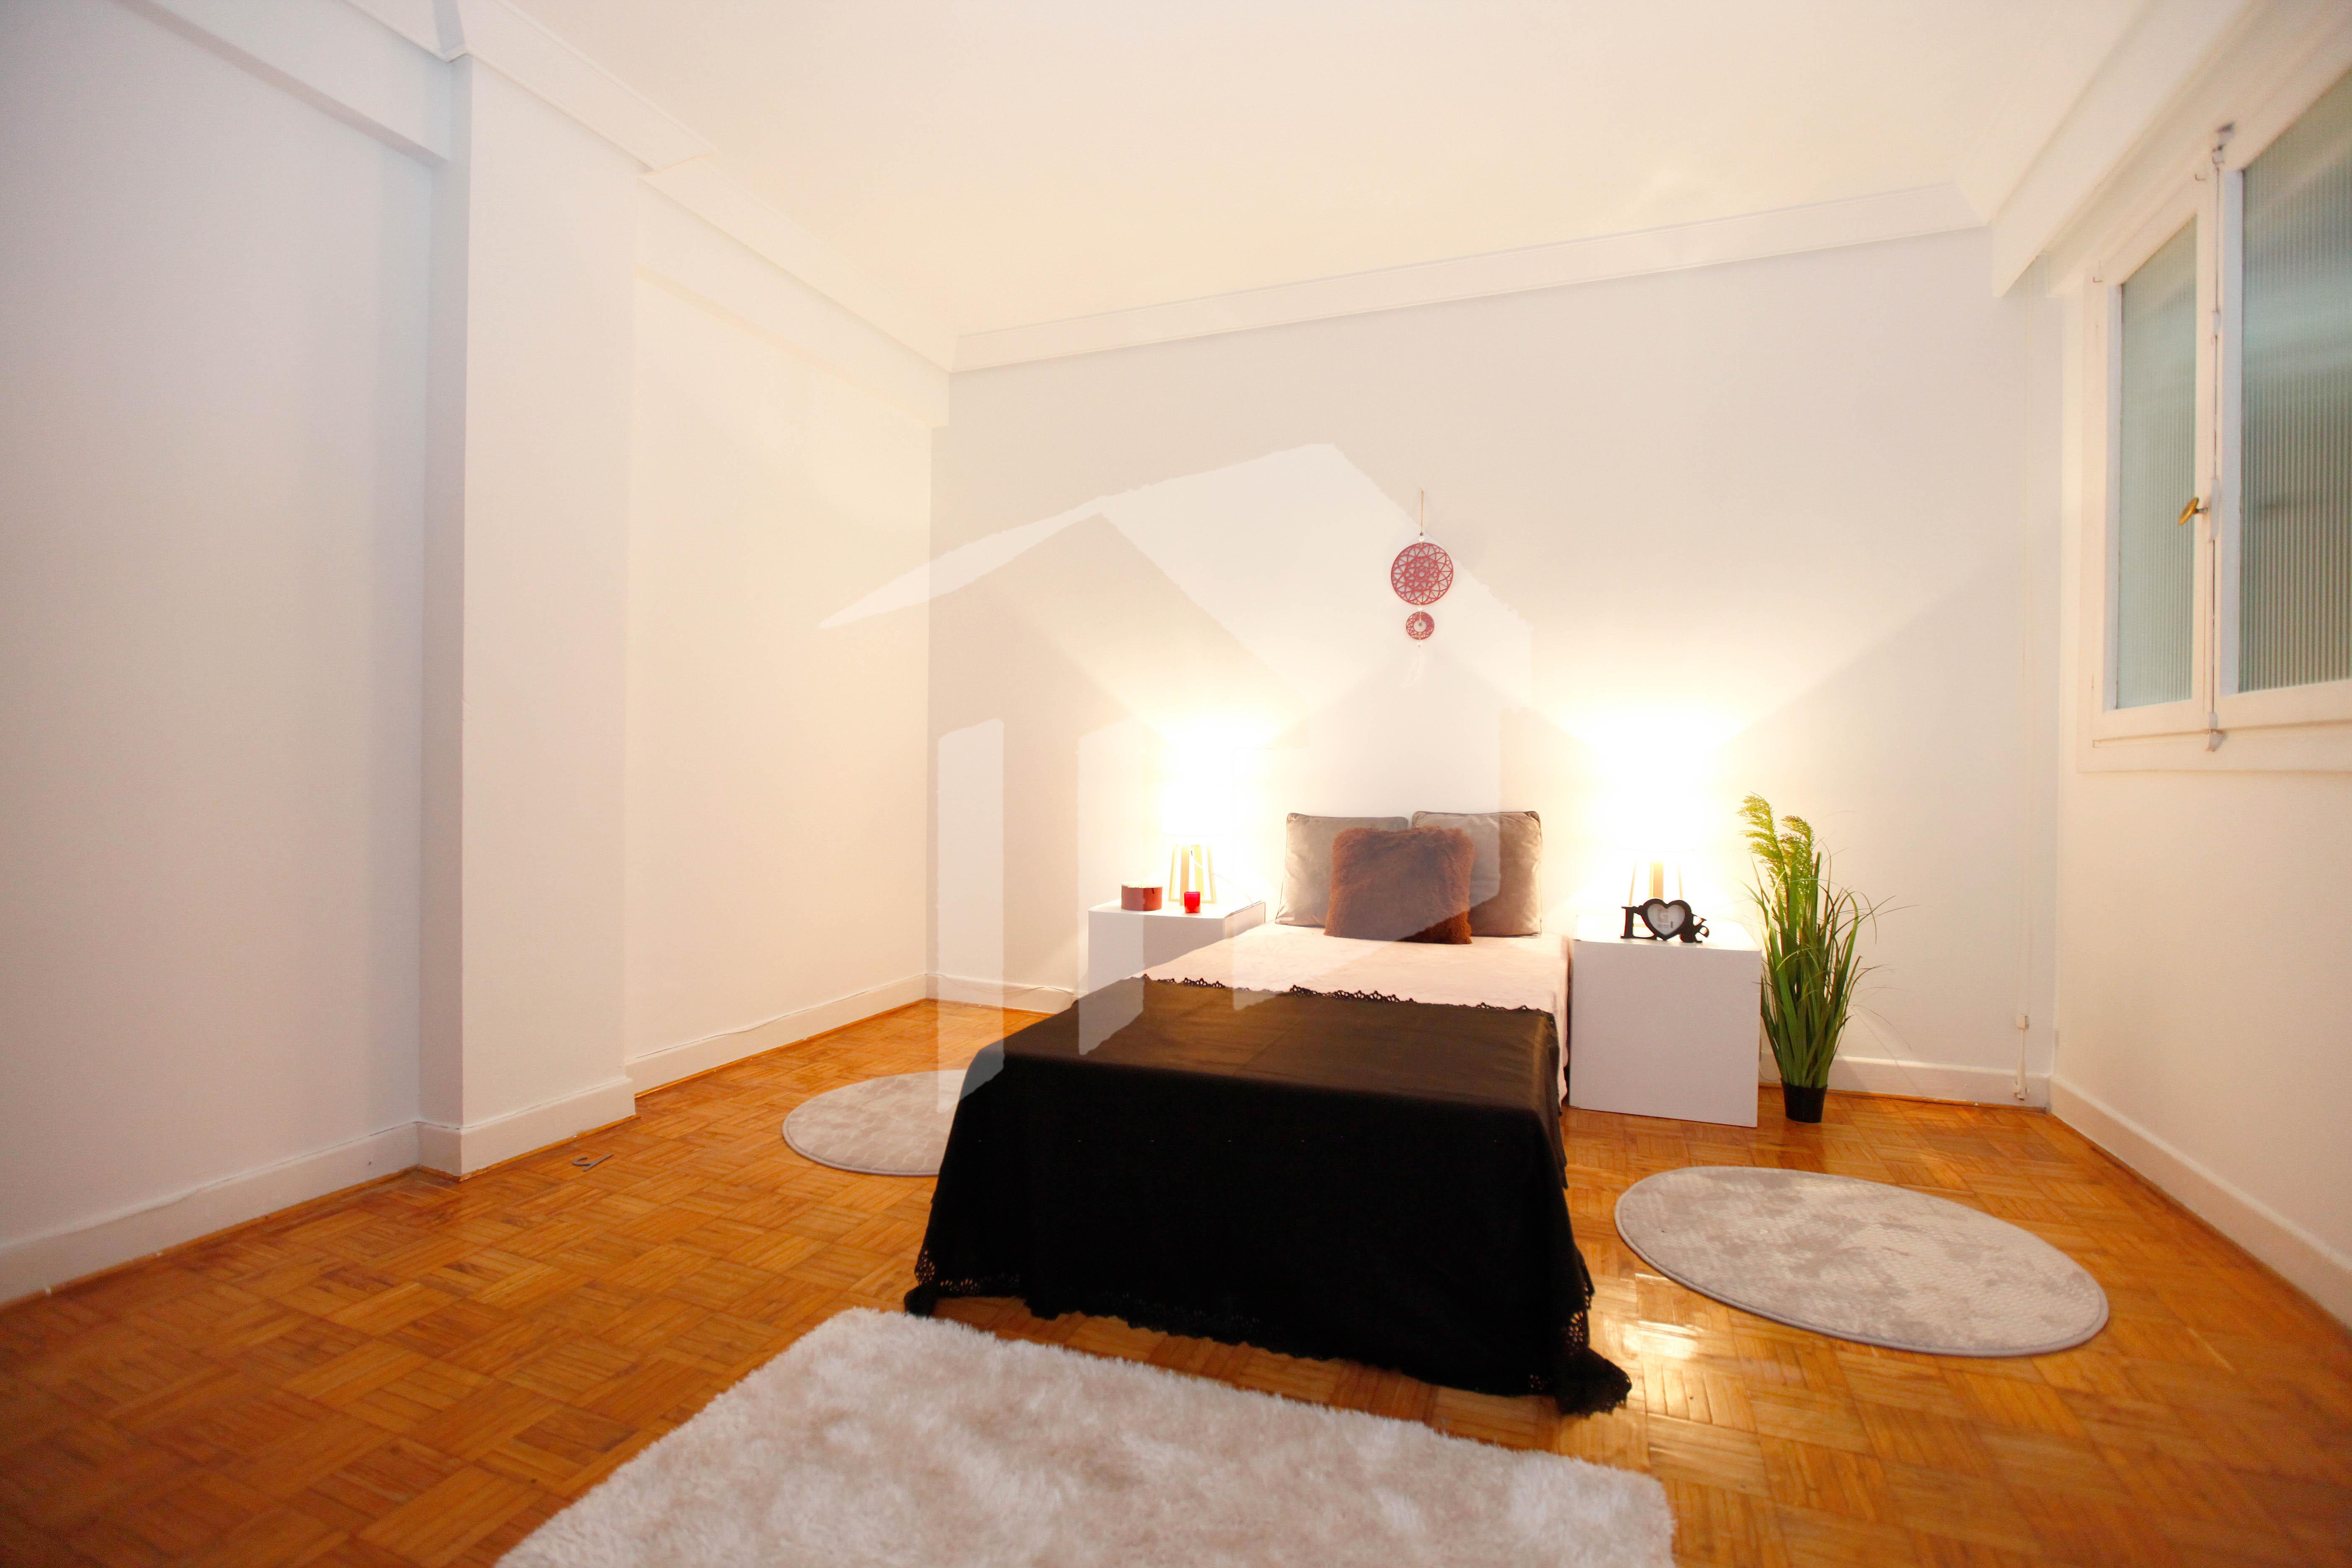 Preciosa vivienda con 3 hermosas habitaciones (dos con salida a bonito balcón), sala-comedor, cocina independiente con salida a coqueta terraza cubierta